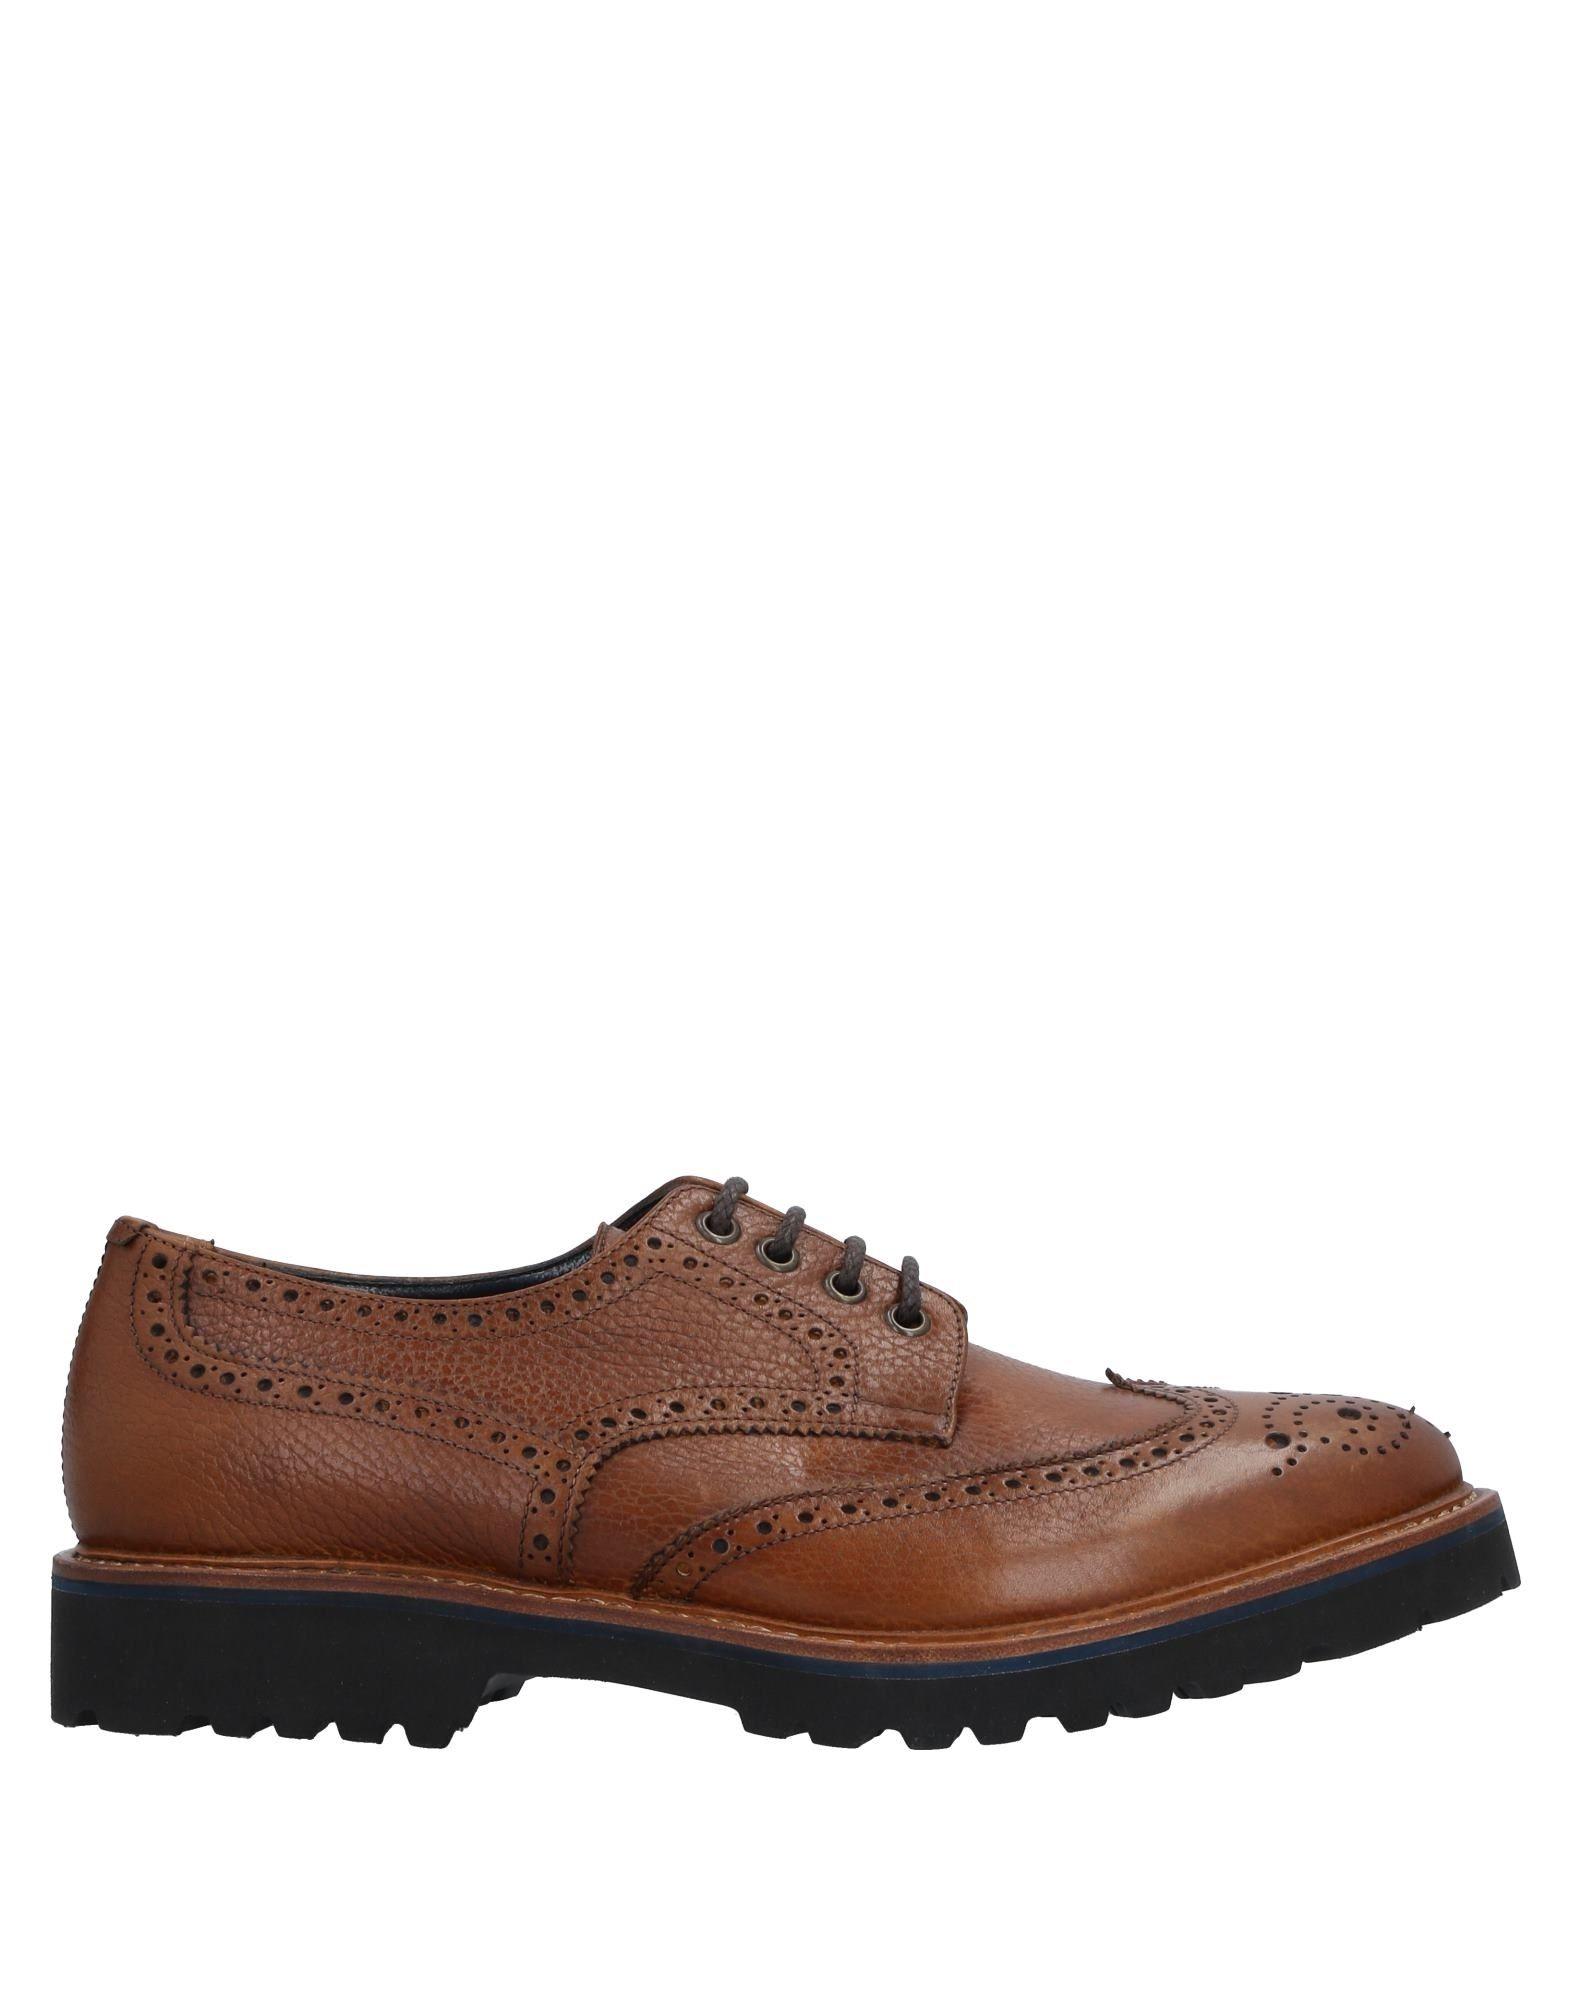 Stringate Sartorio Uomo - 11533949GD Scarpe economiche e buone